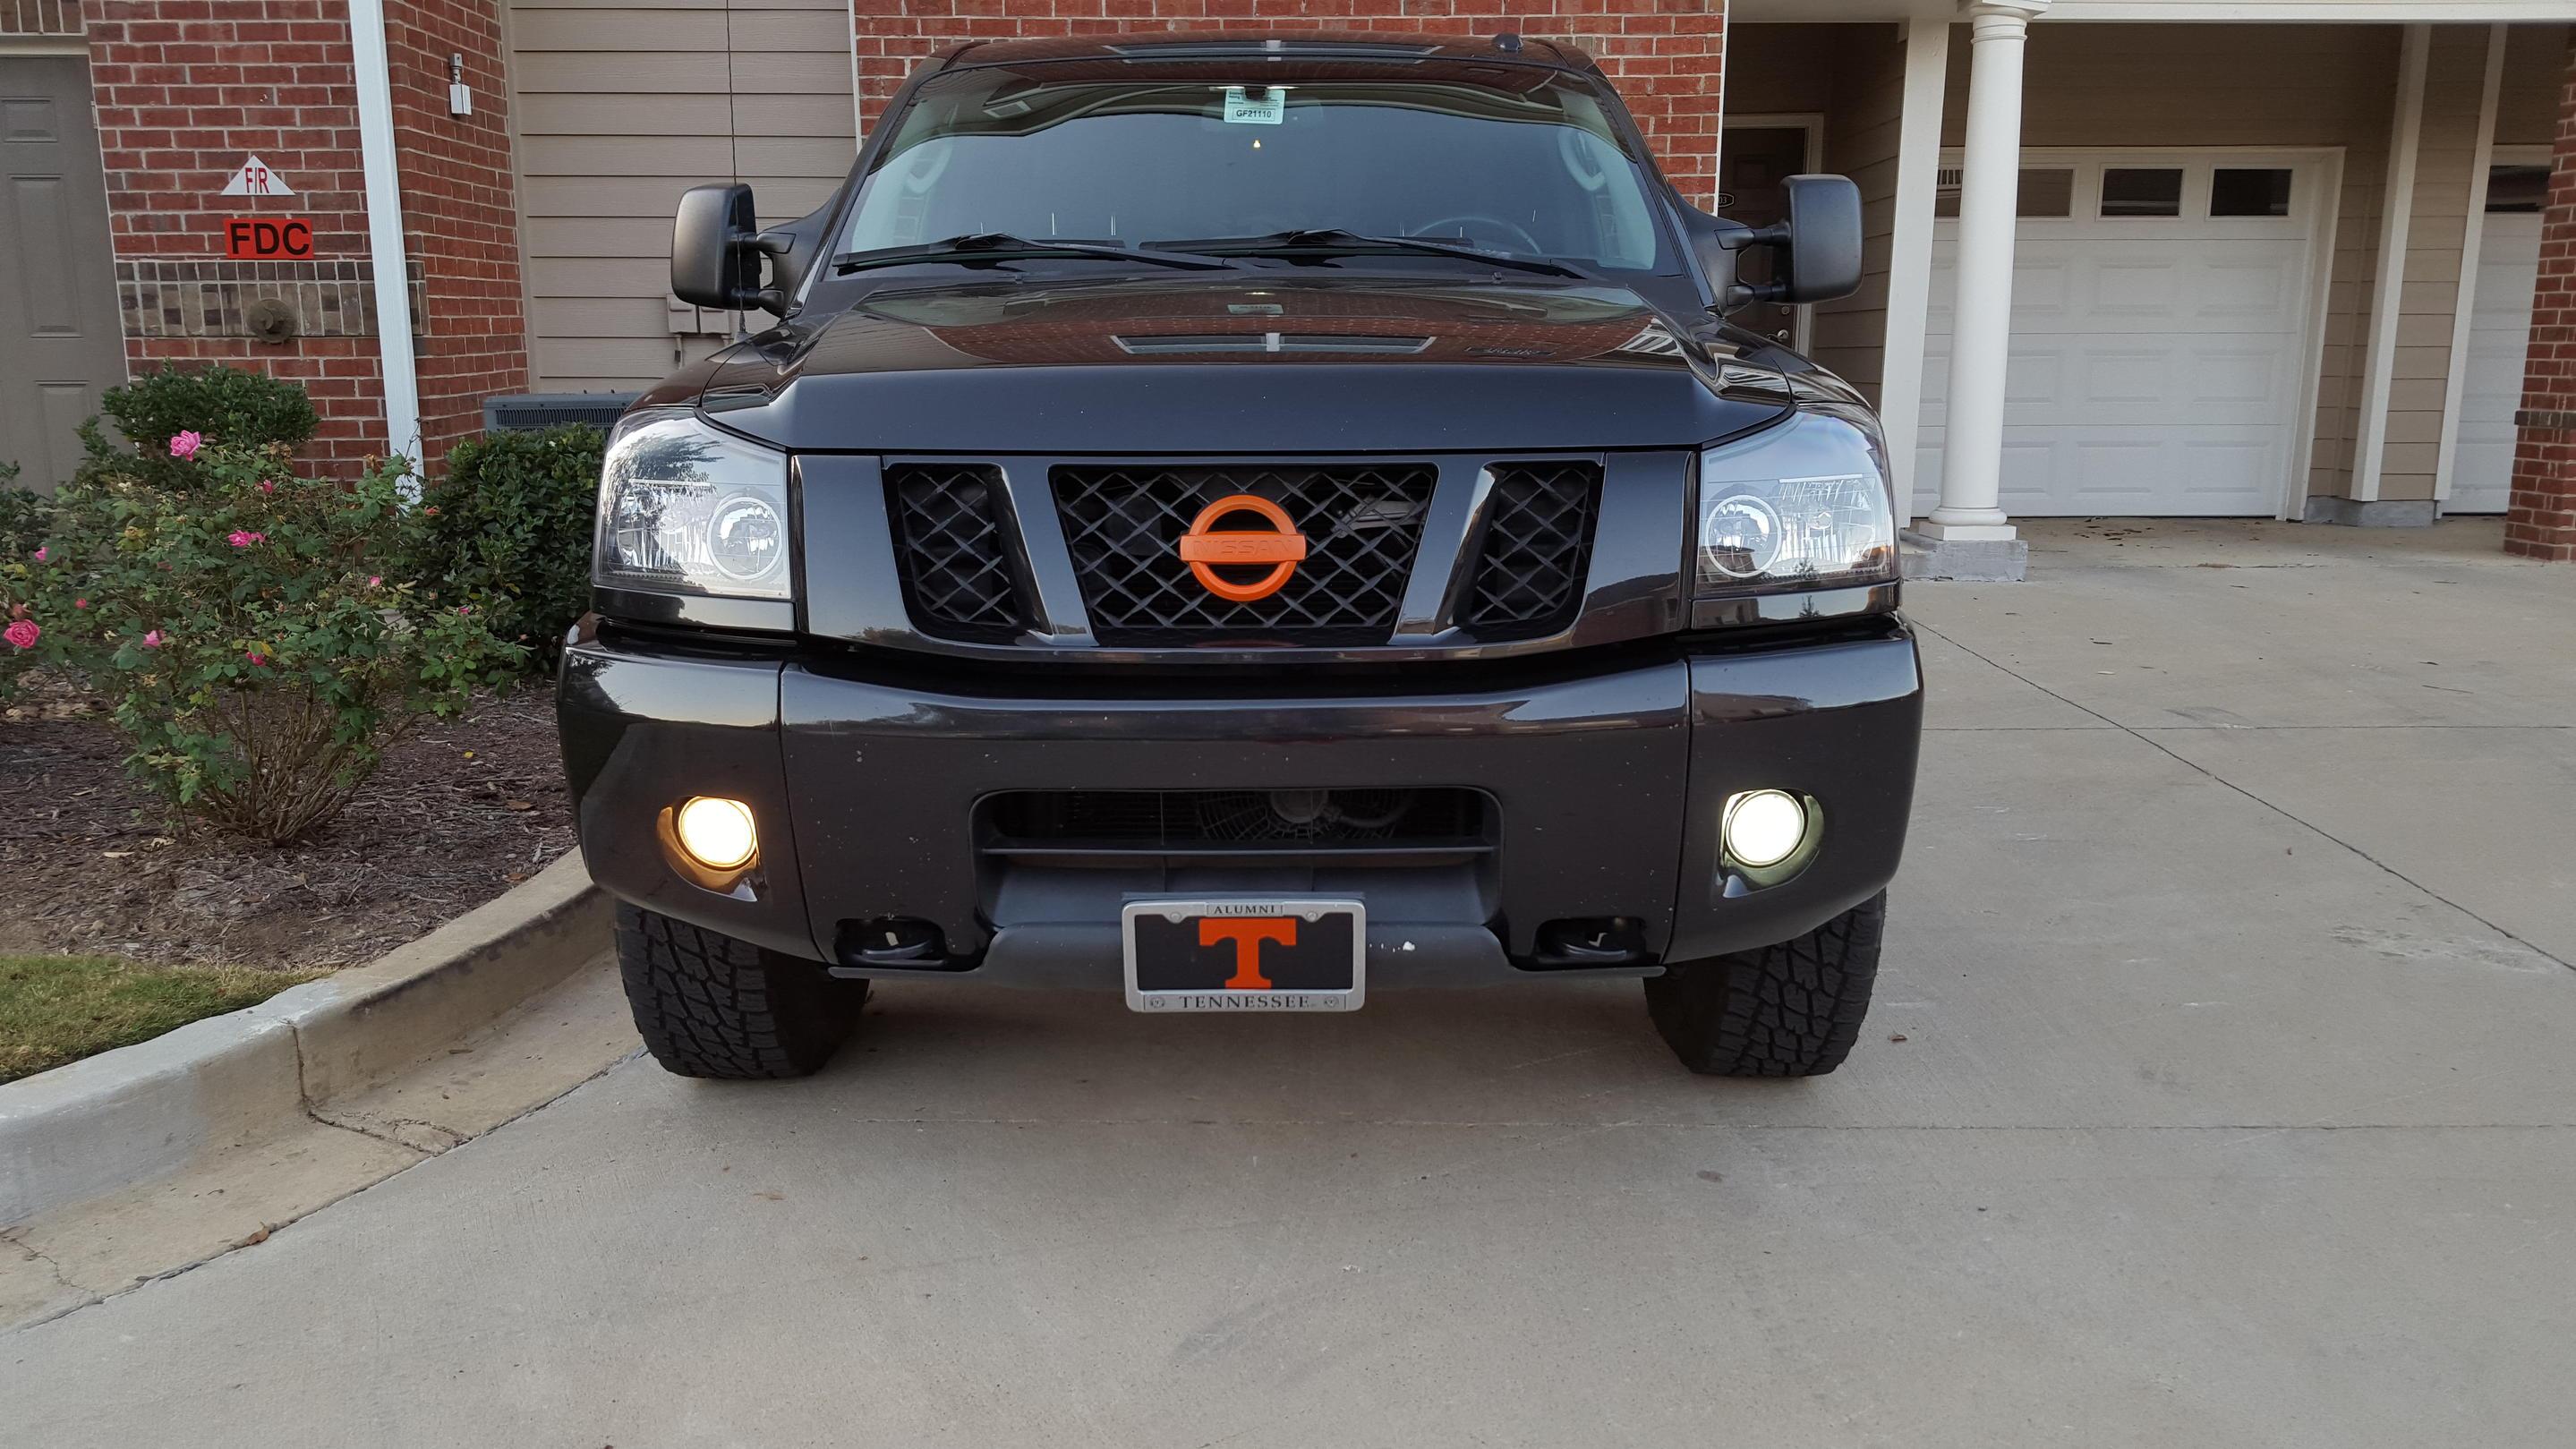 Nissan Titan Fog Light LED Bulbs! Several Bulb Options! Plug & Play Install!-20151021_174917.jpg